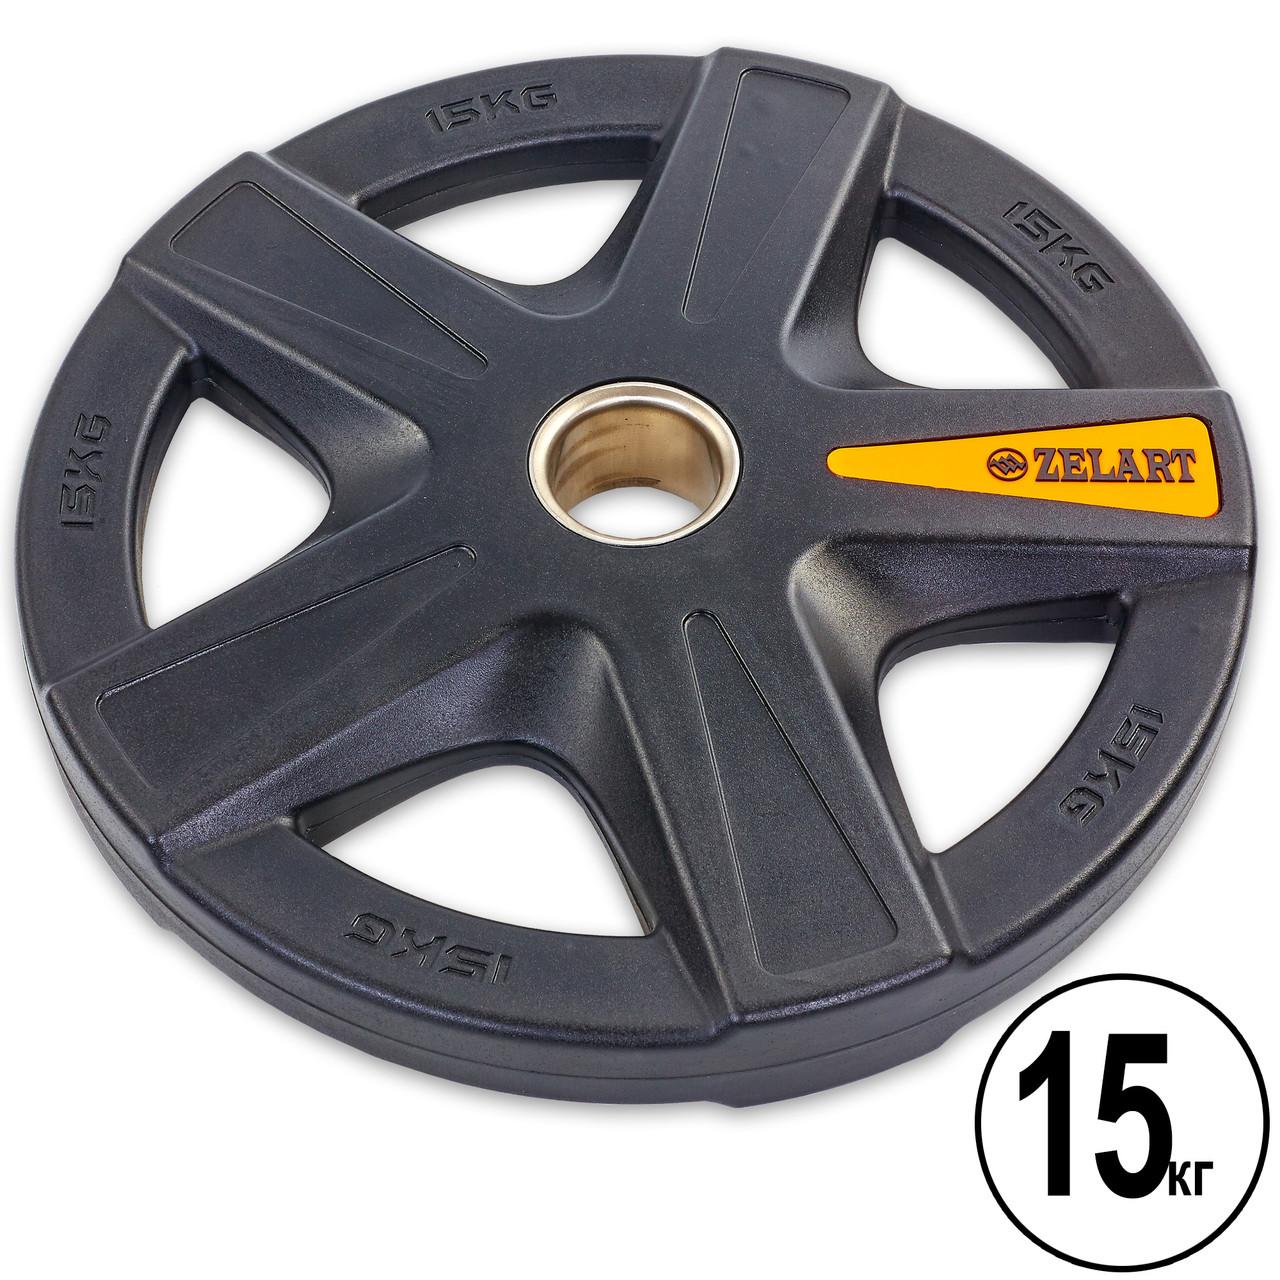 Блины (диски) полиуретановые 5 отверстий с металлической втулкой d-51мм Zelart 15кг (черный)